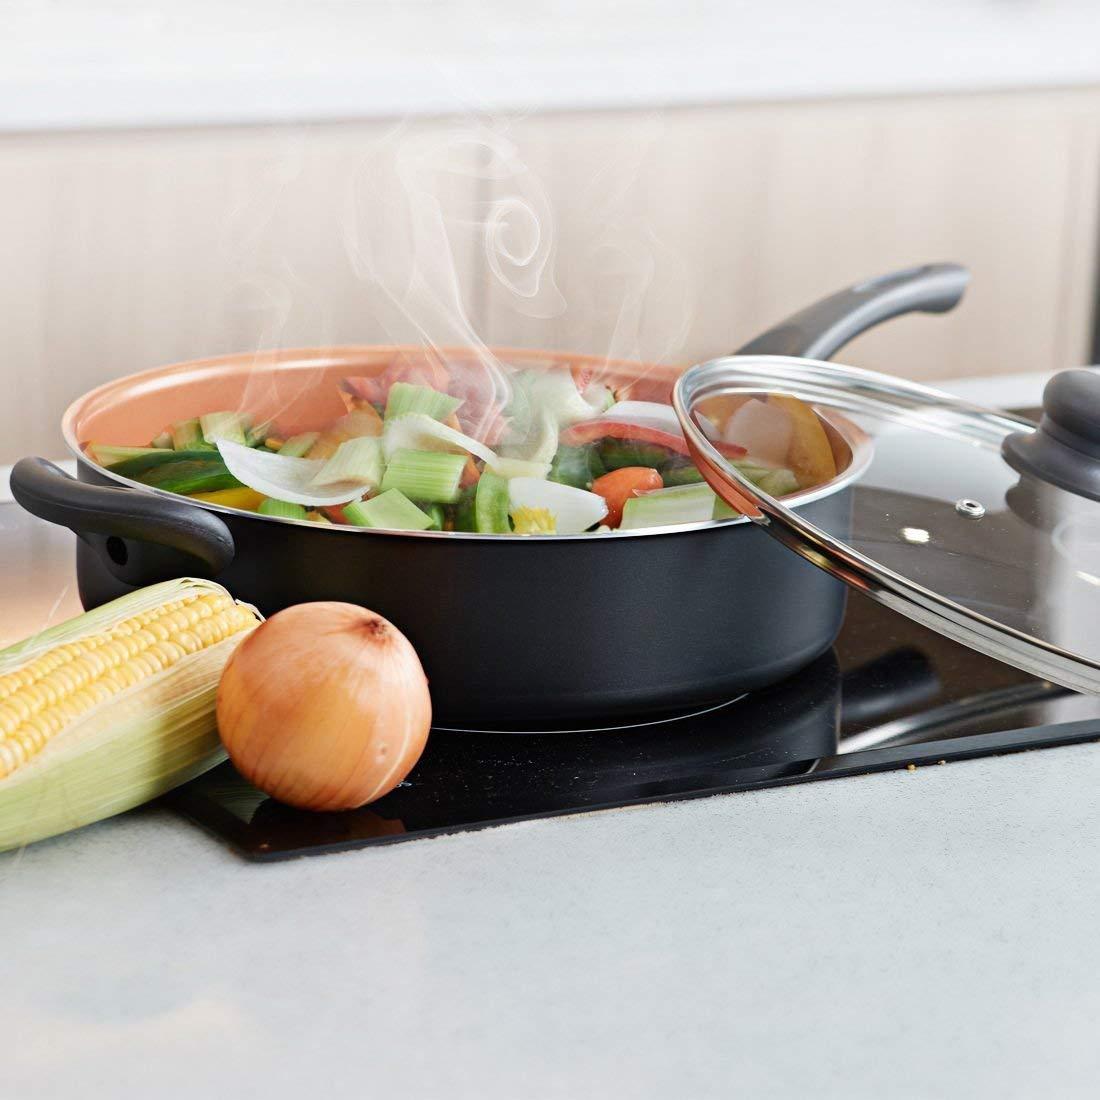 Copper MICHELANGELO Nonstick 5 Quart Saute Pan with Lid